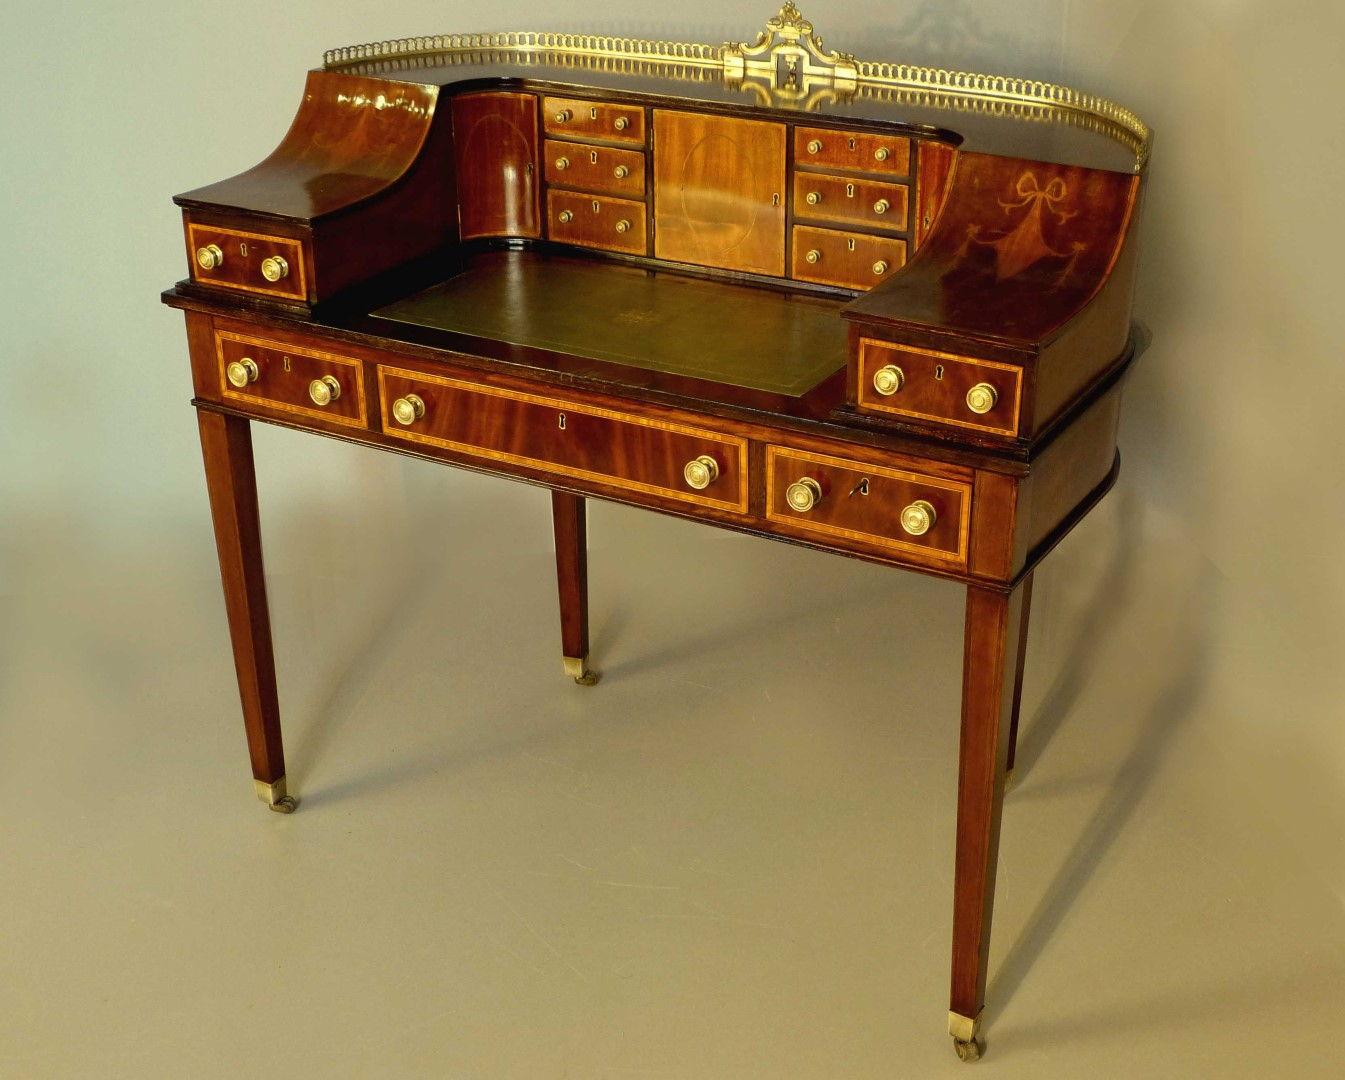 Muebles antiguos armarios antiguos mesas antiguas - Muebles madera antiguos ...